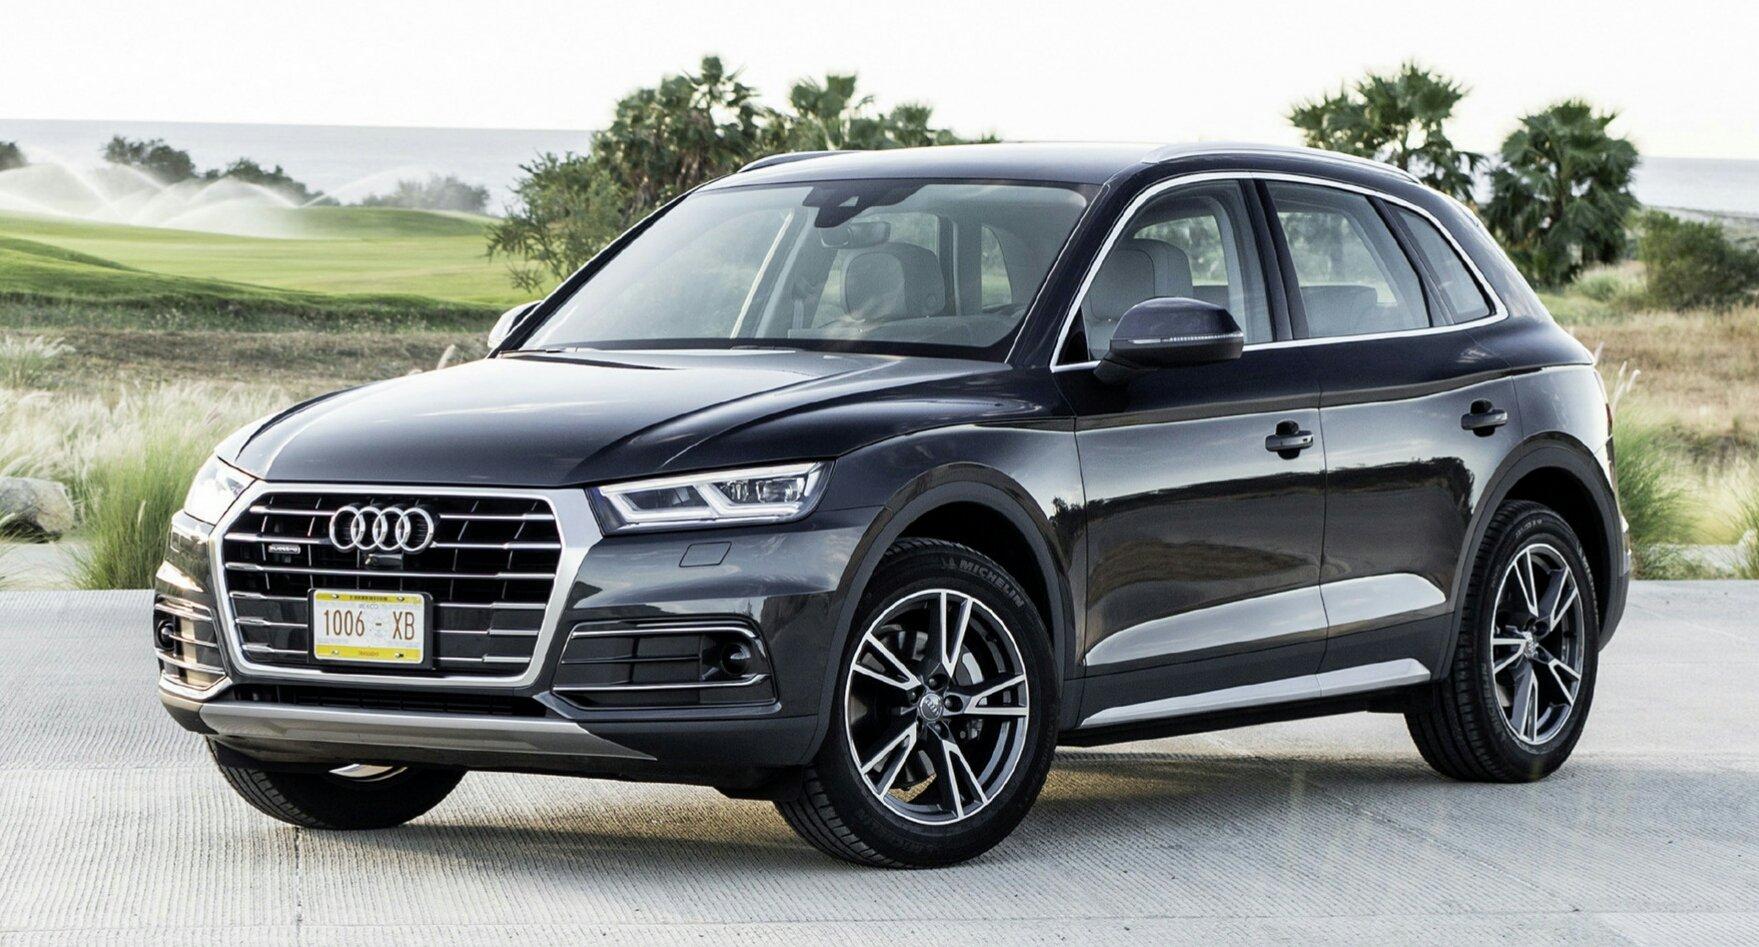 Brasil é primeiro país a receber o Audi Q5 blindado de fábrica, com nível máximo de segurança